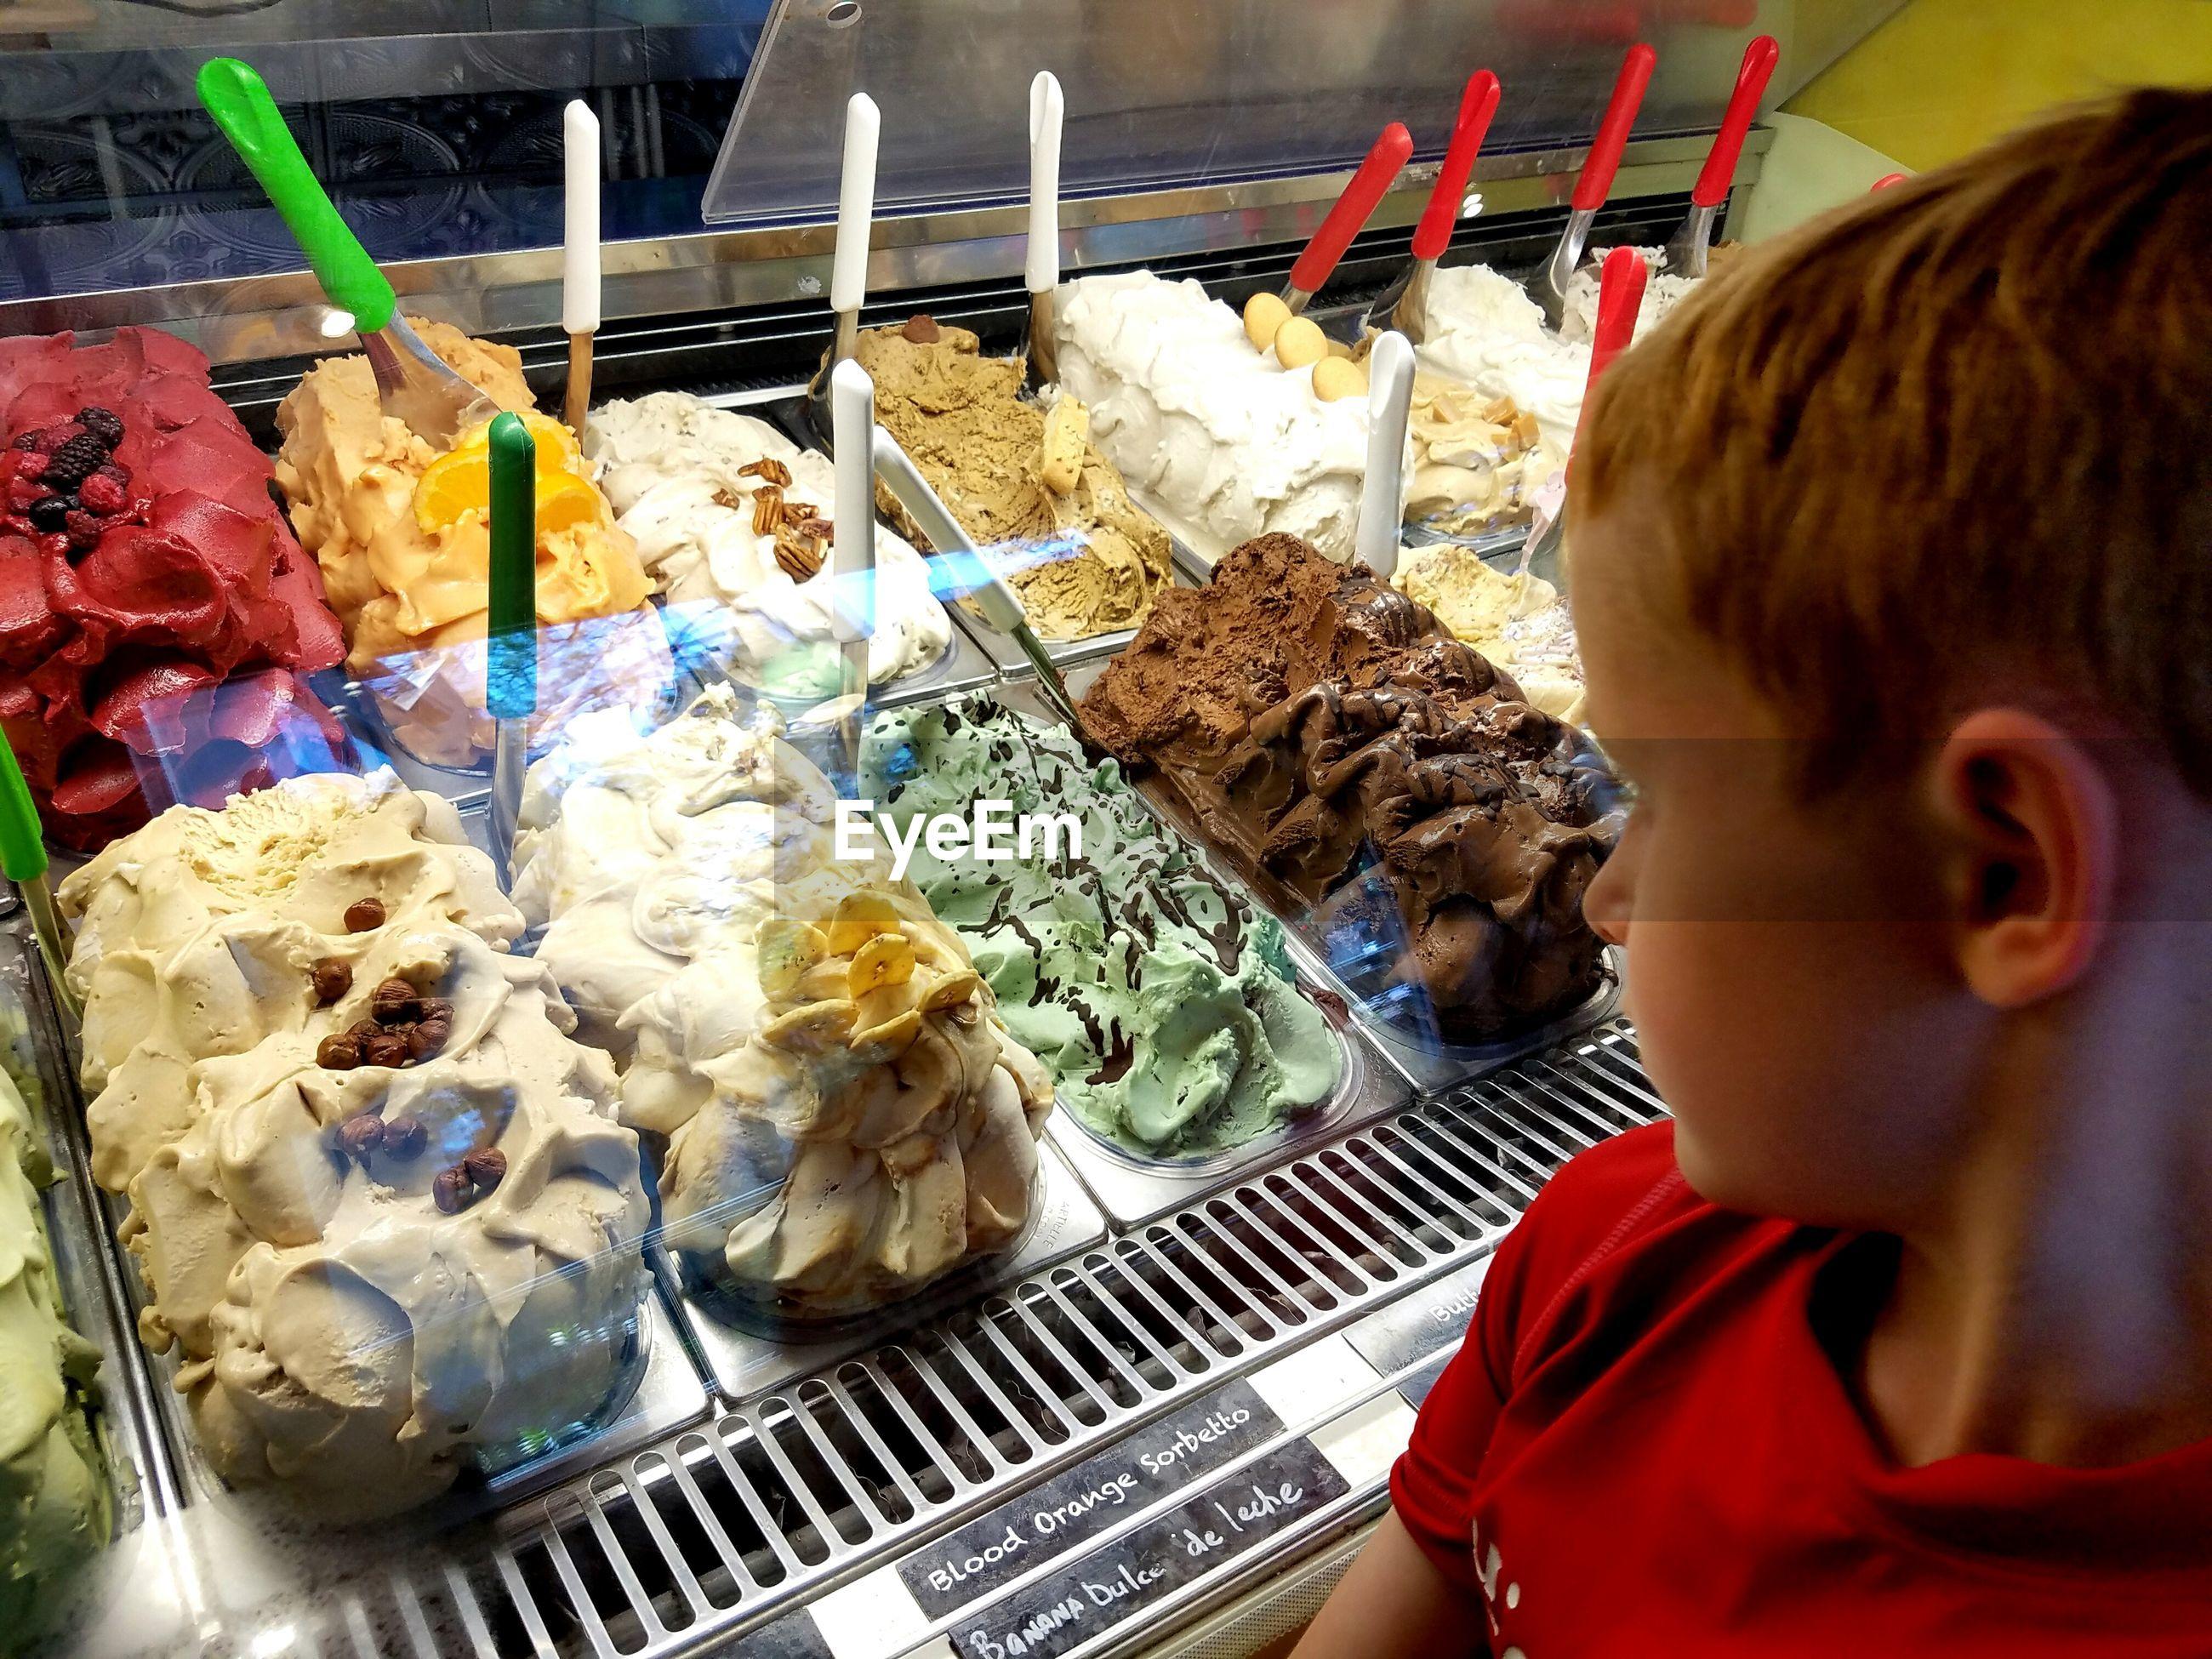 Boy looking at ice creams in ice cream parlor